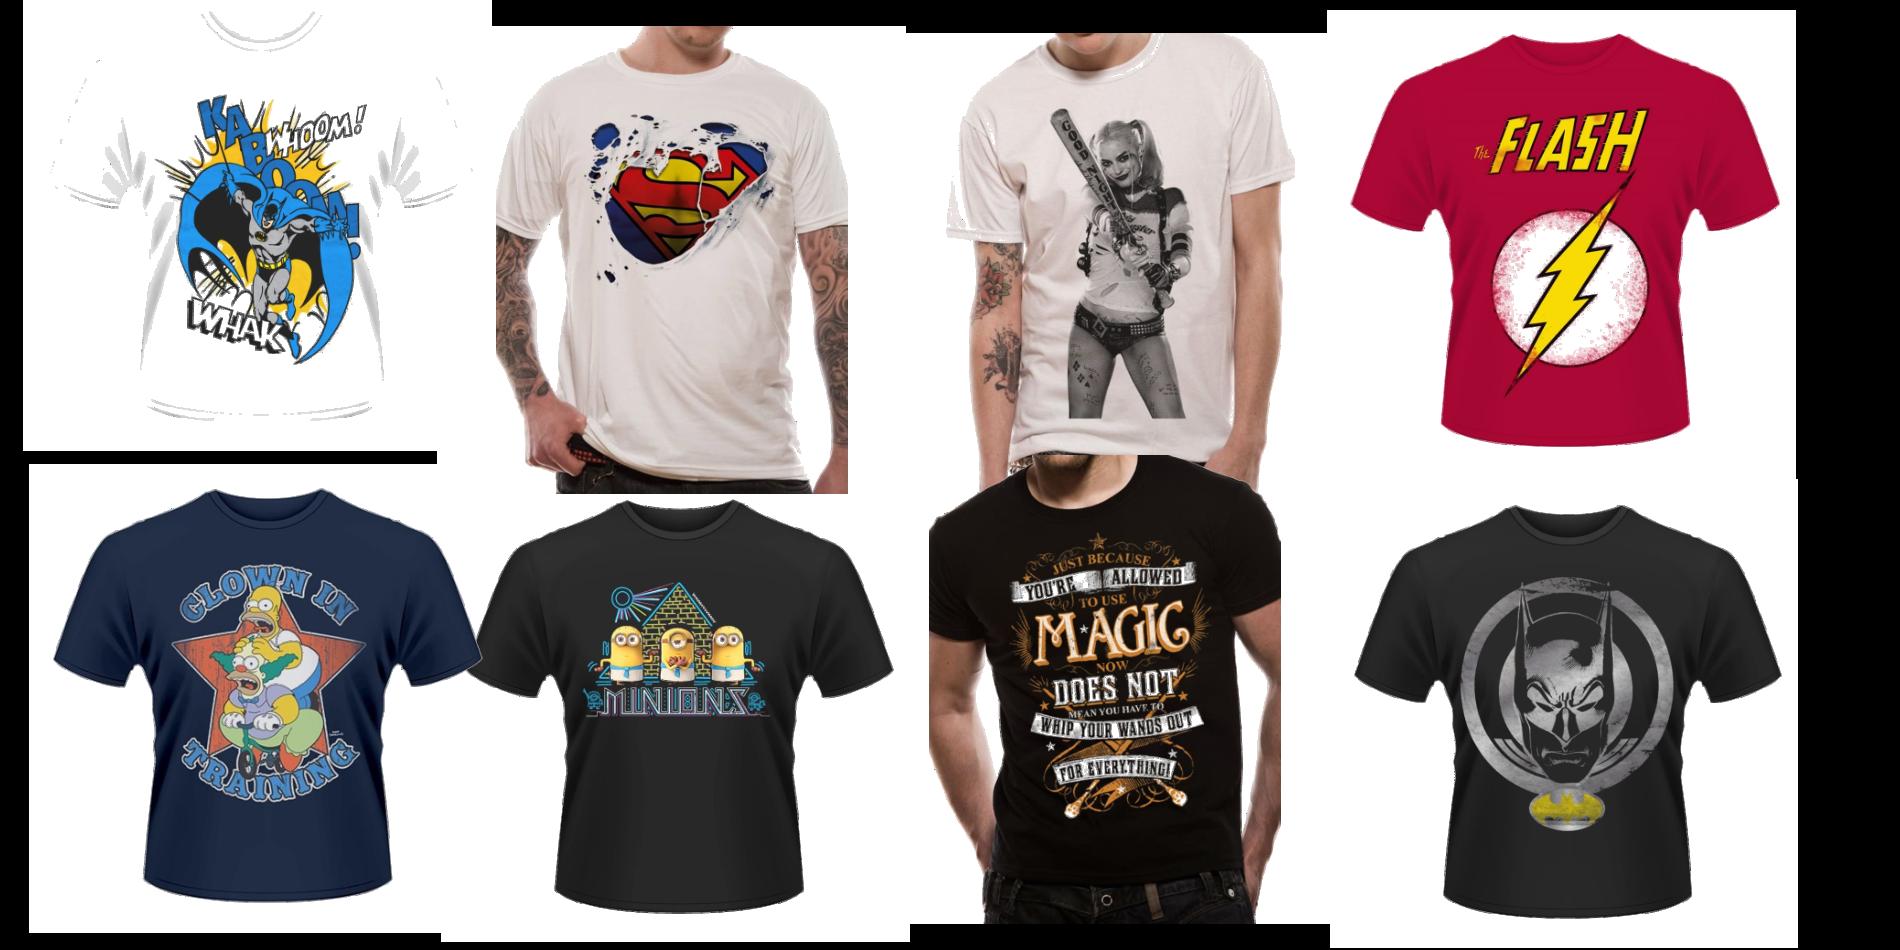 Nördiga T-shirts!